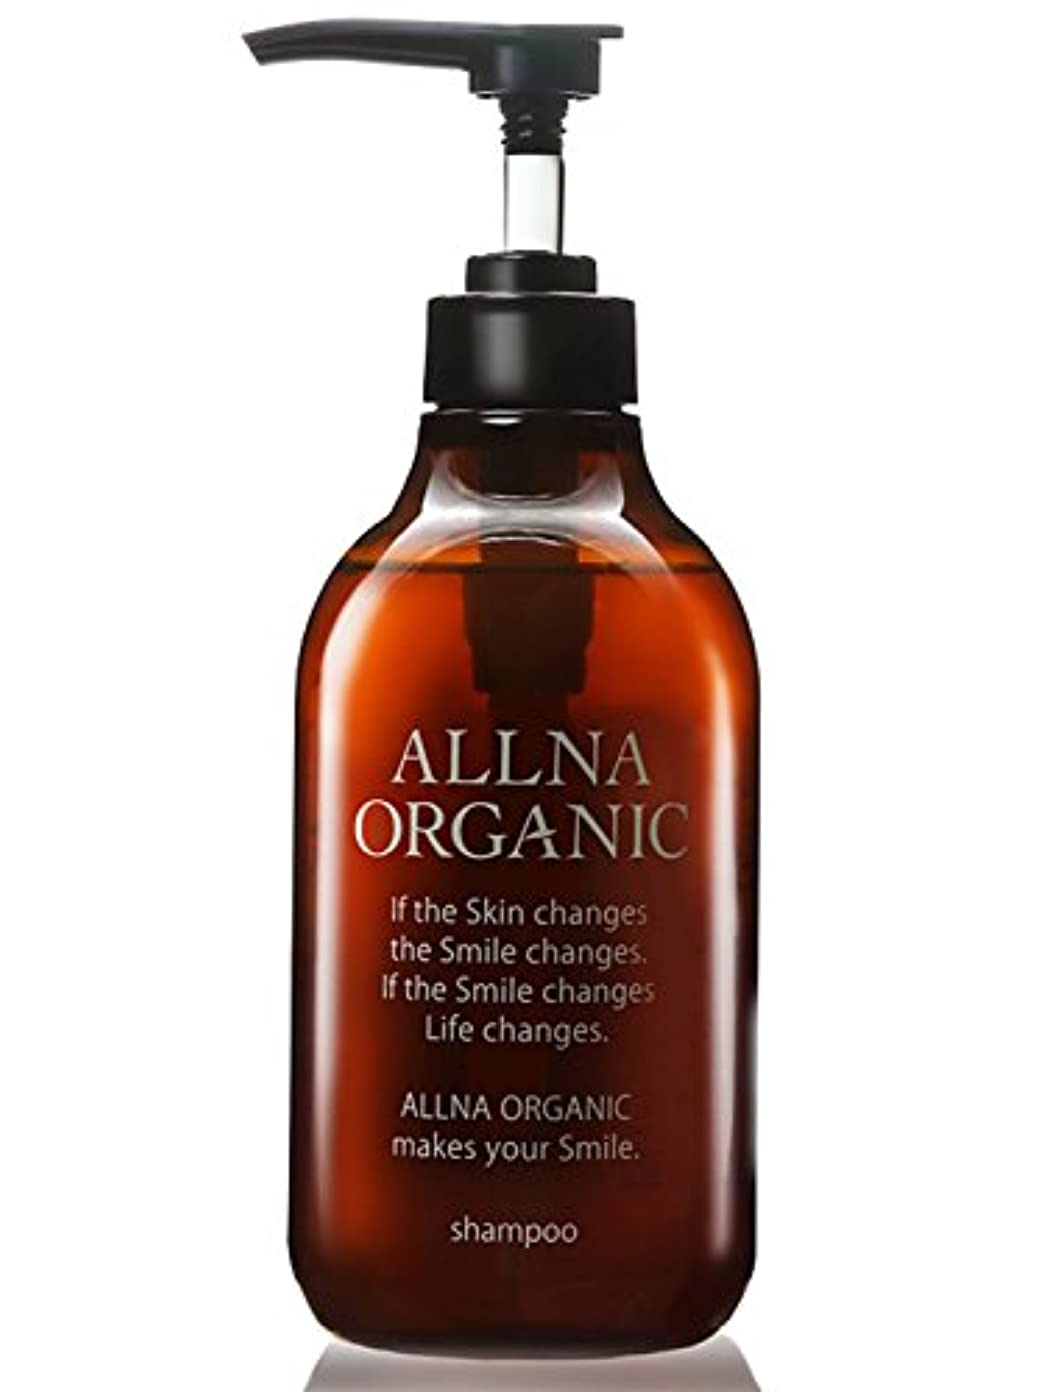 頂点単調なくオルナ オーガニック シャンプー 無添加 ノンシリコン 天然由来 無香料でボタニカルな香り「コラーゲン ヒアルロン酸 ビタミンC誘導体 セラミド 配合」500ml (シャンプー ポンプ) (スムース)